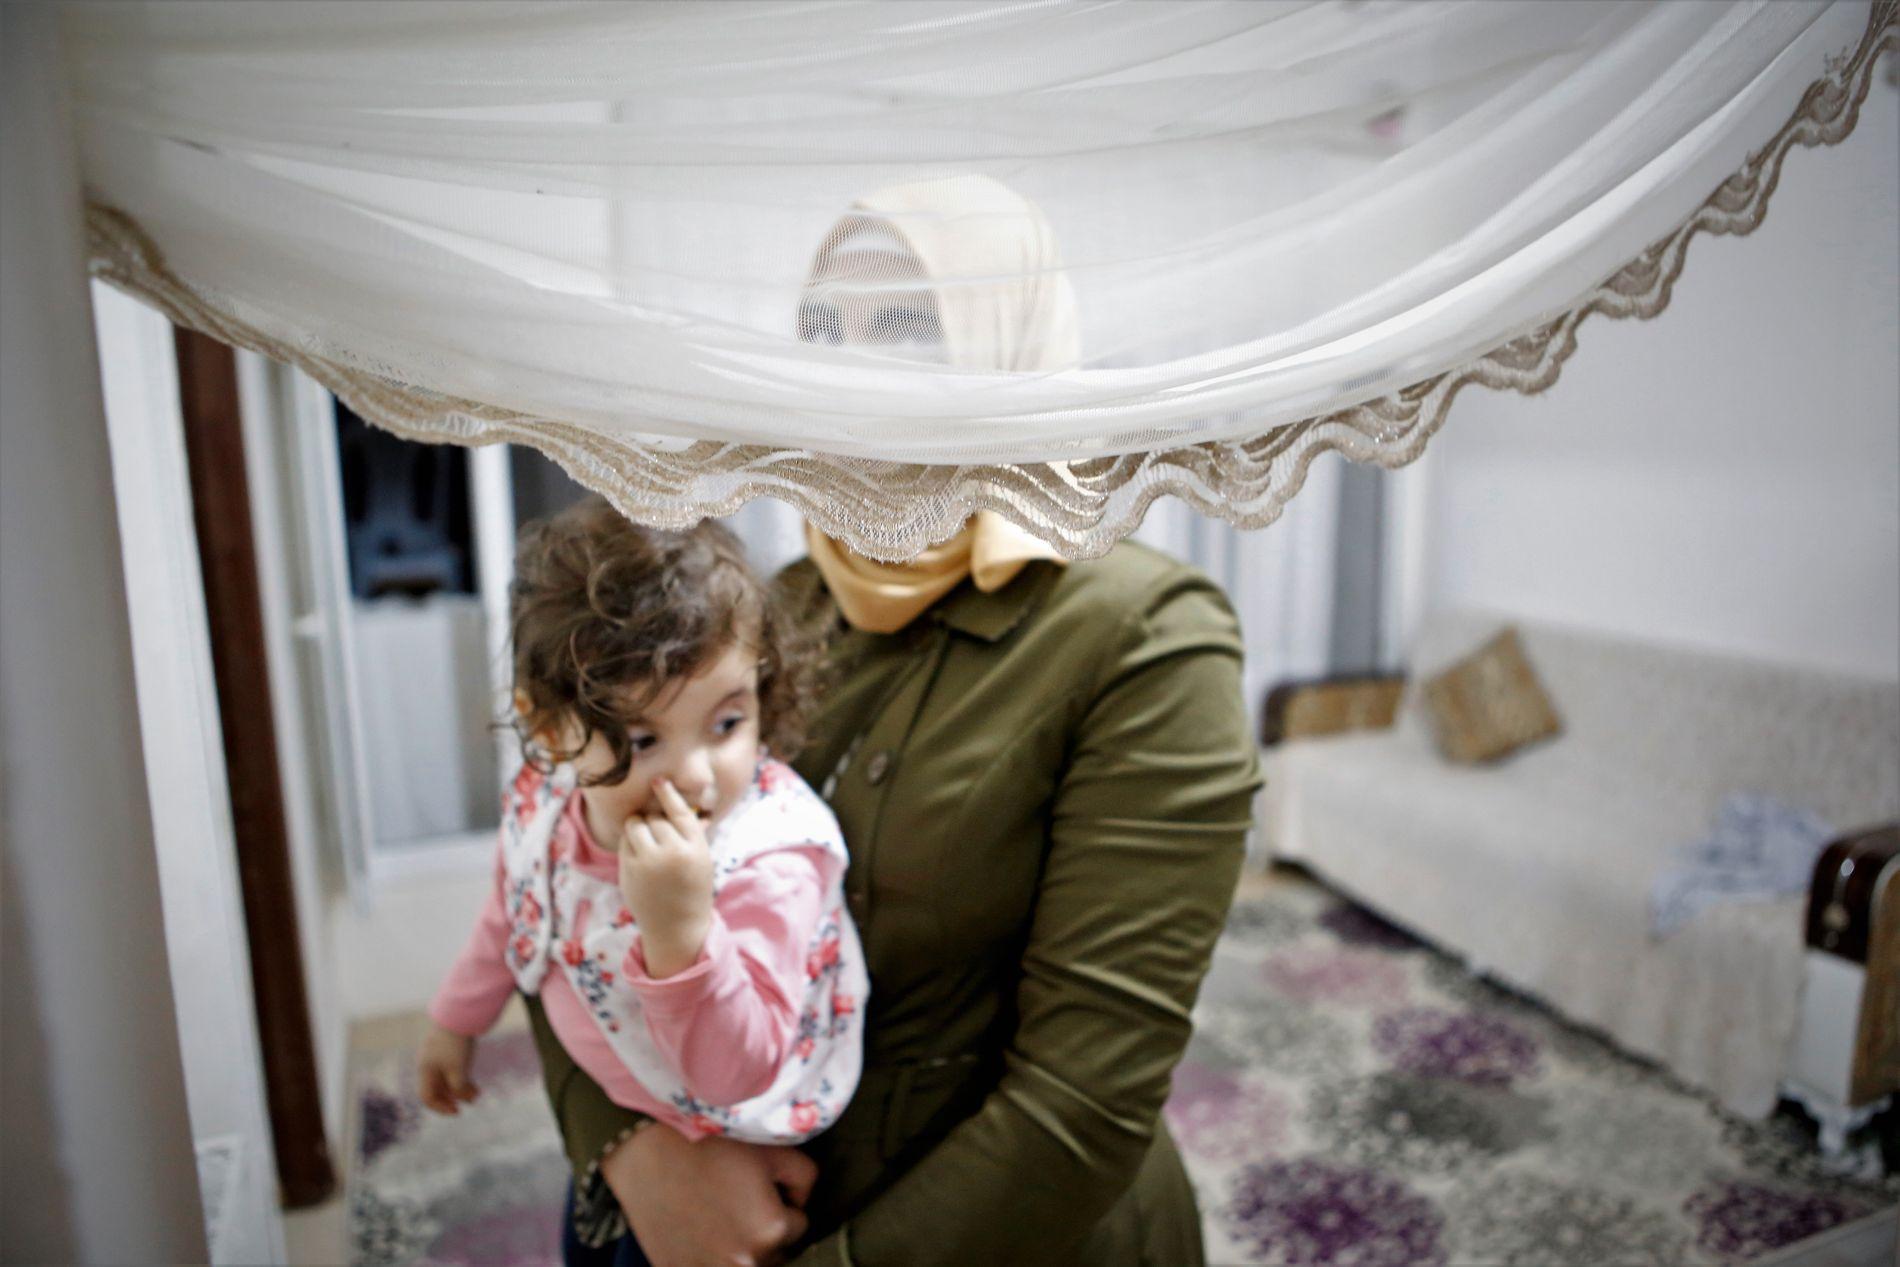 GIFTET BORT: Noor (18) har fått datteren (1,5 år) med sin tyrkiske ektemann (50). Hun har aldri møtt hans tyrkiske kone, men begge skal kjenne til hverandres eksistens.